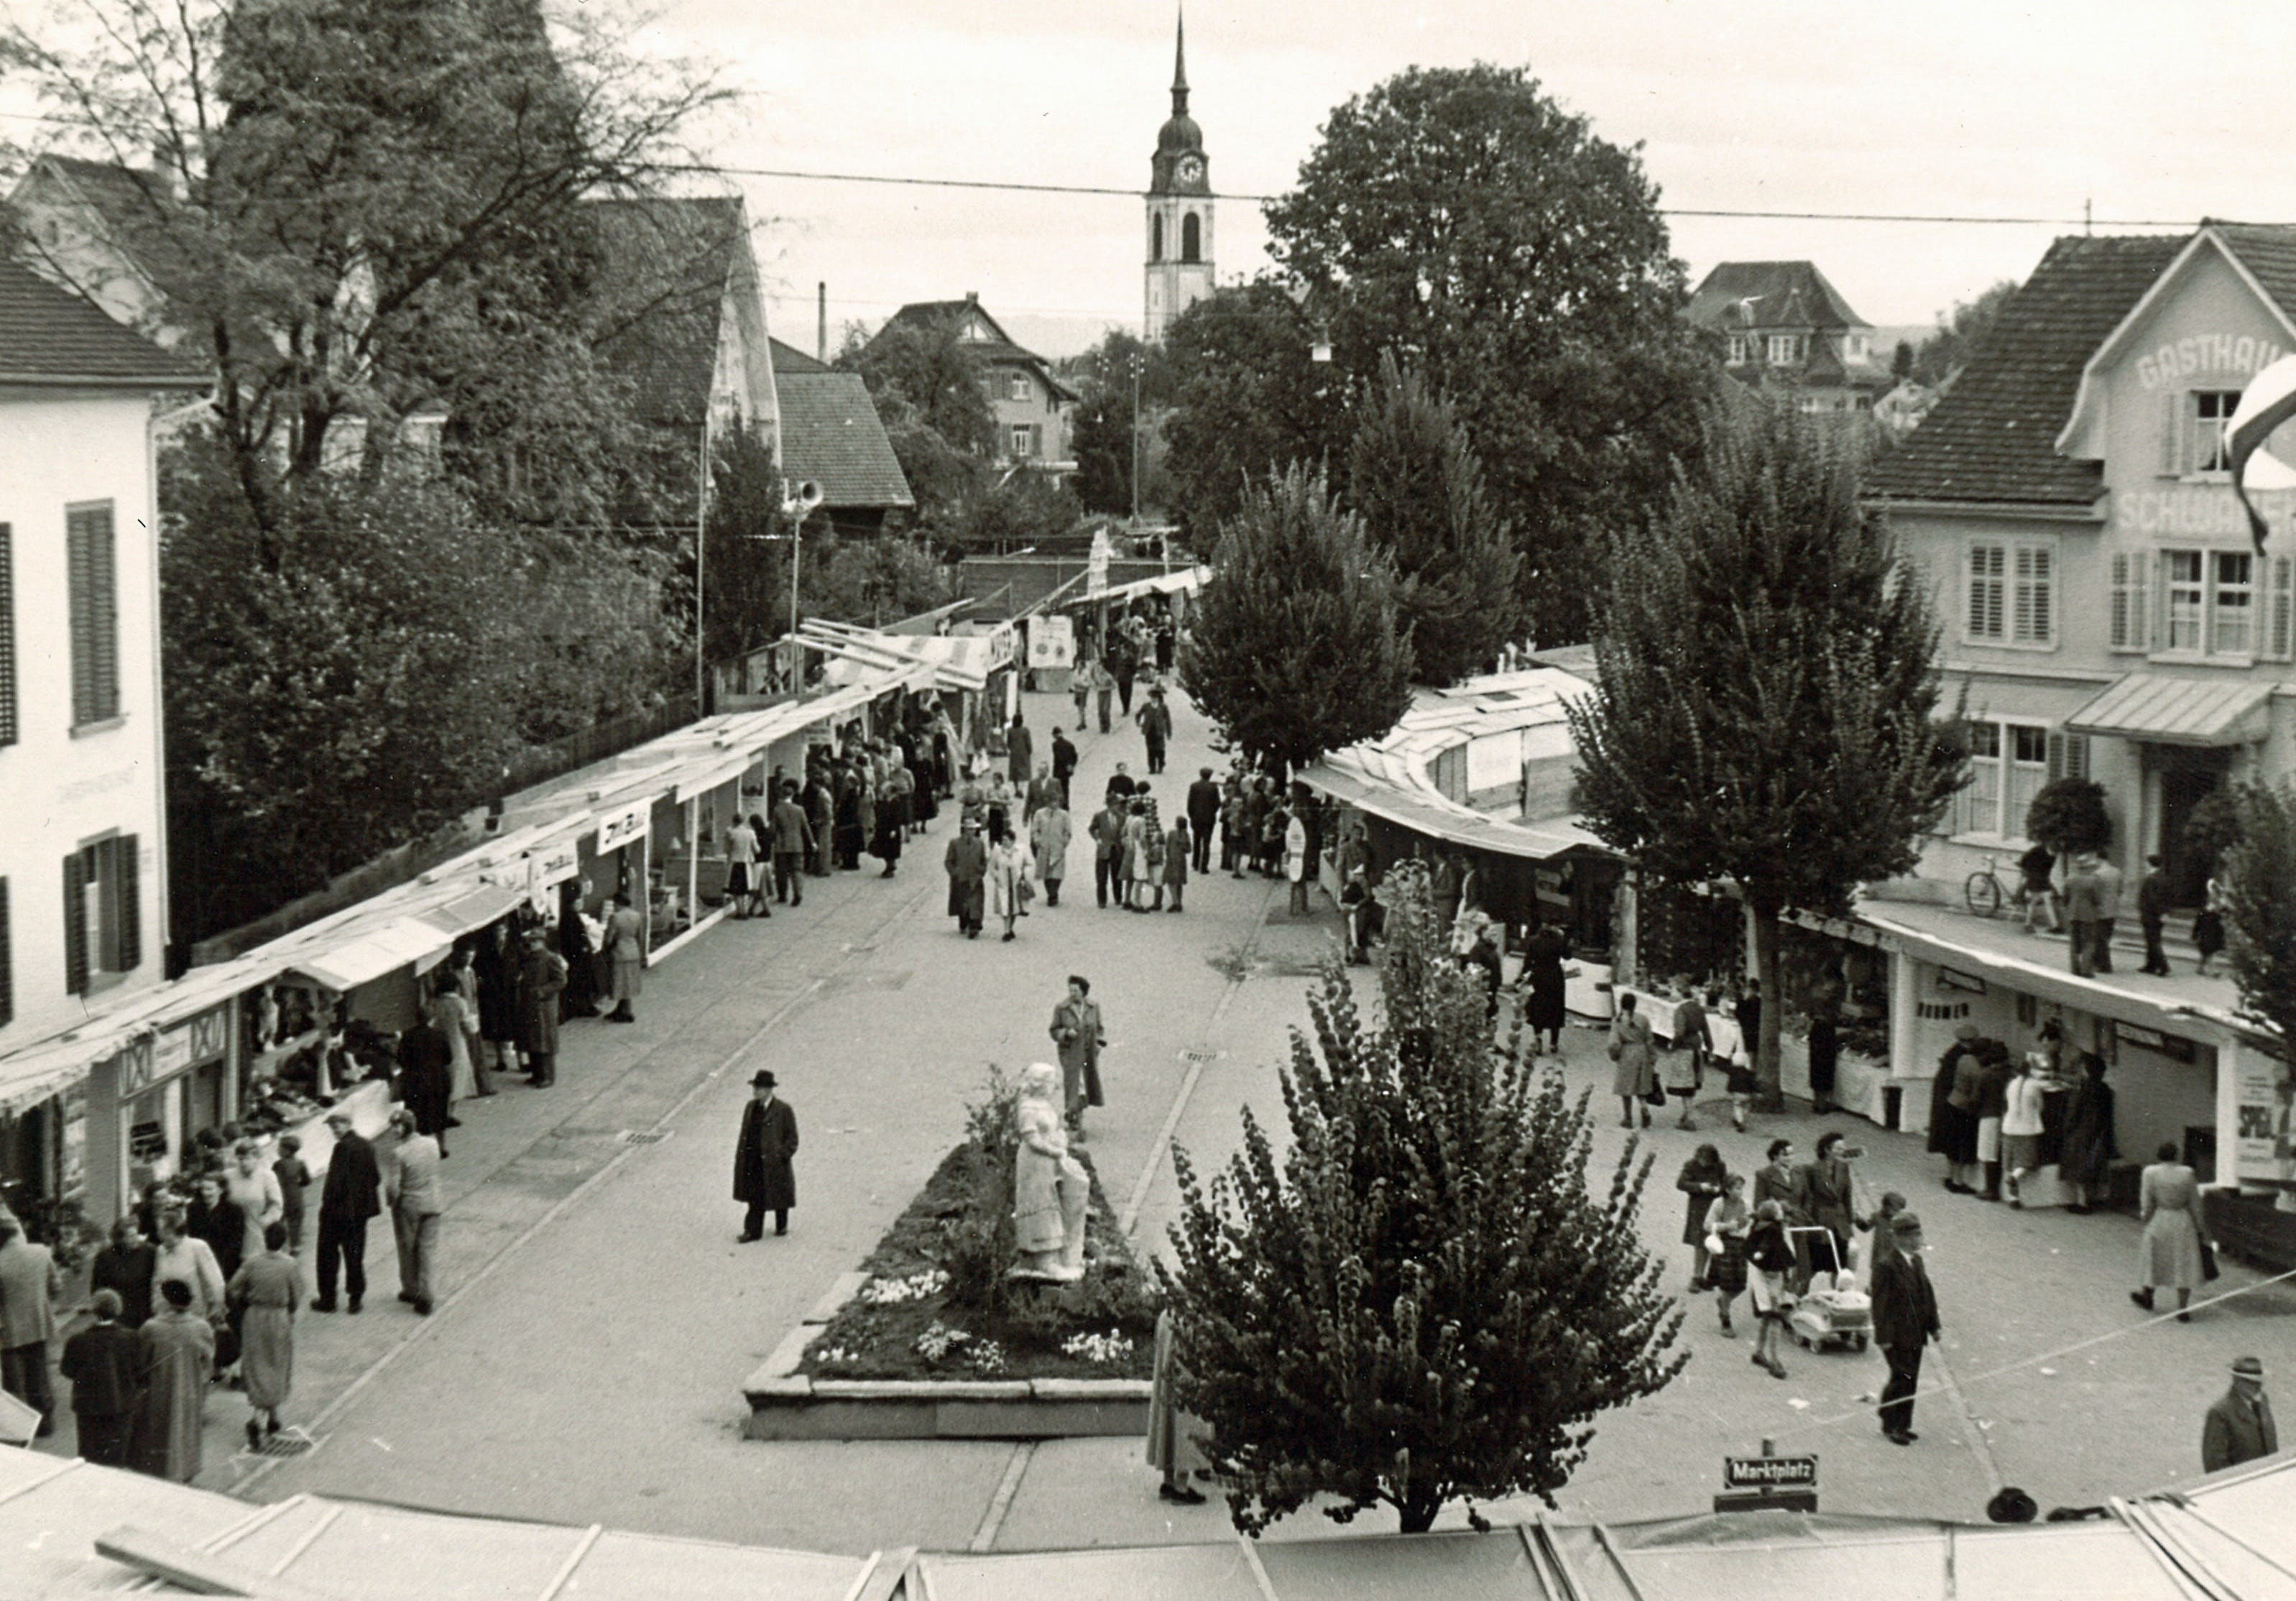 So sah der Marktplatz an der Wega 1953 aus. Im Hintergrund erkennt man die katholische Kirche.